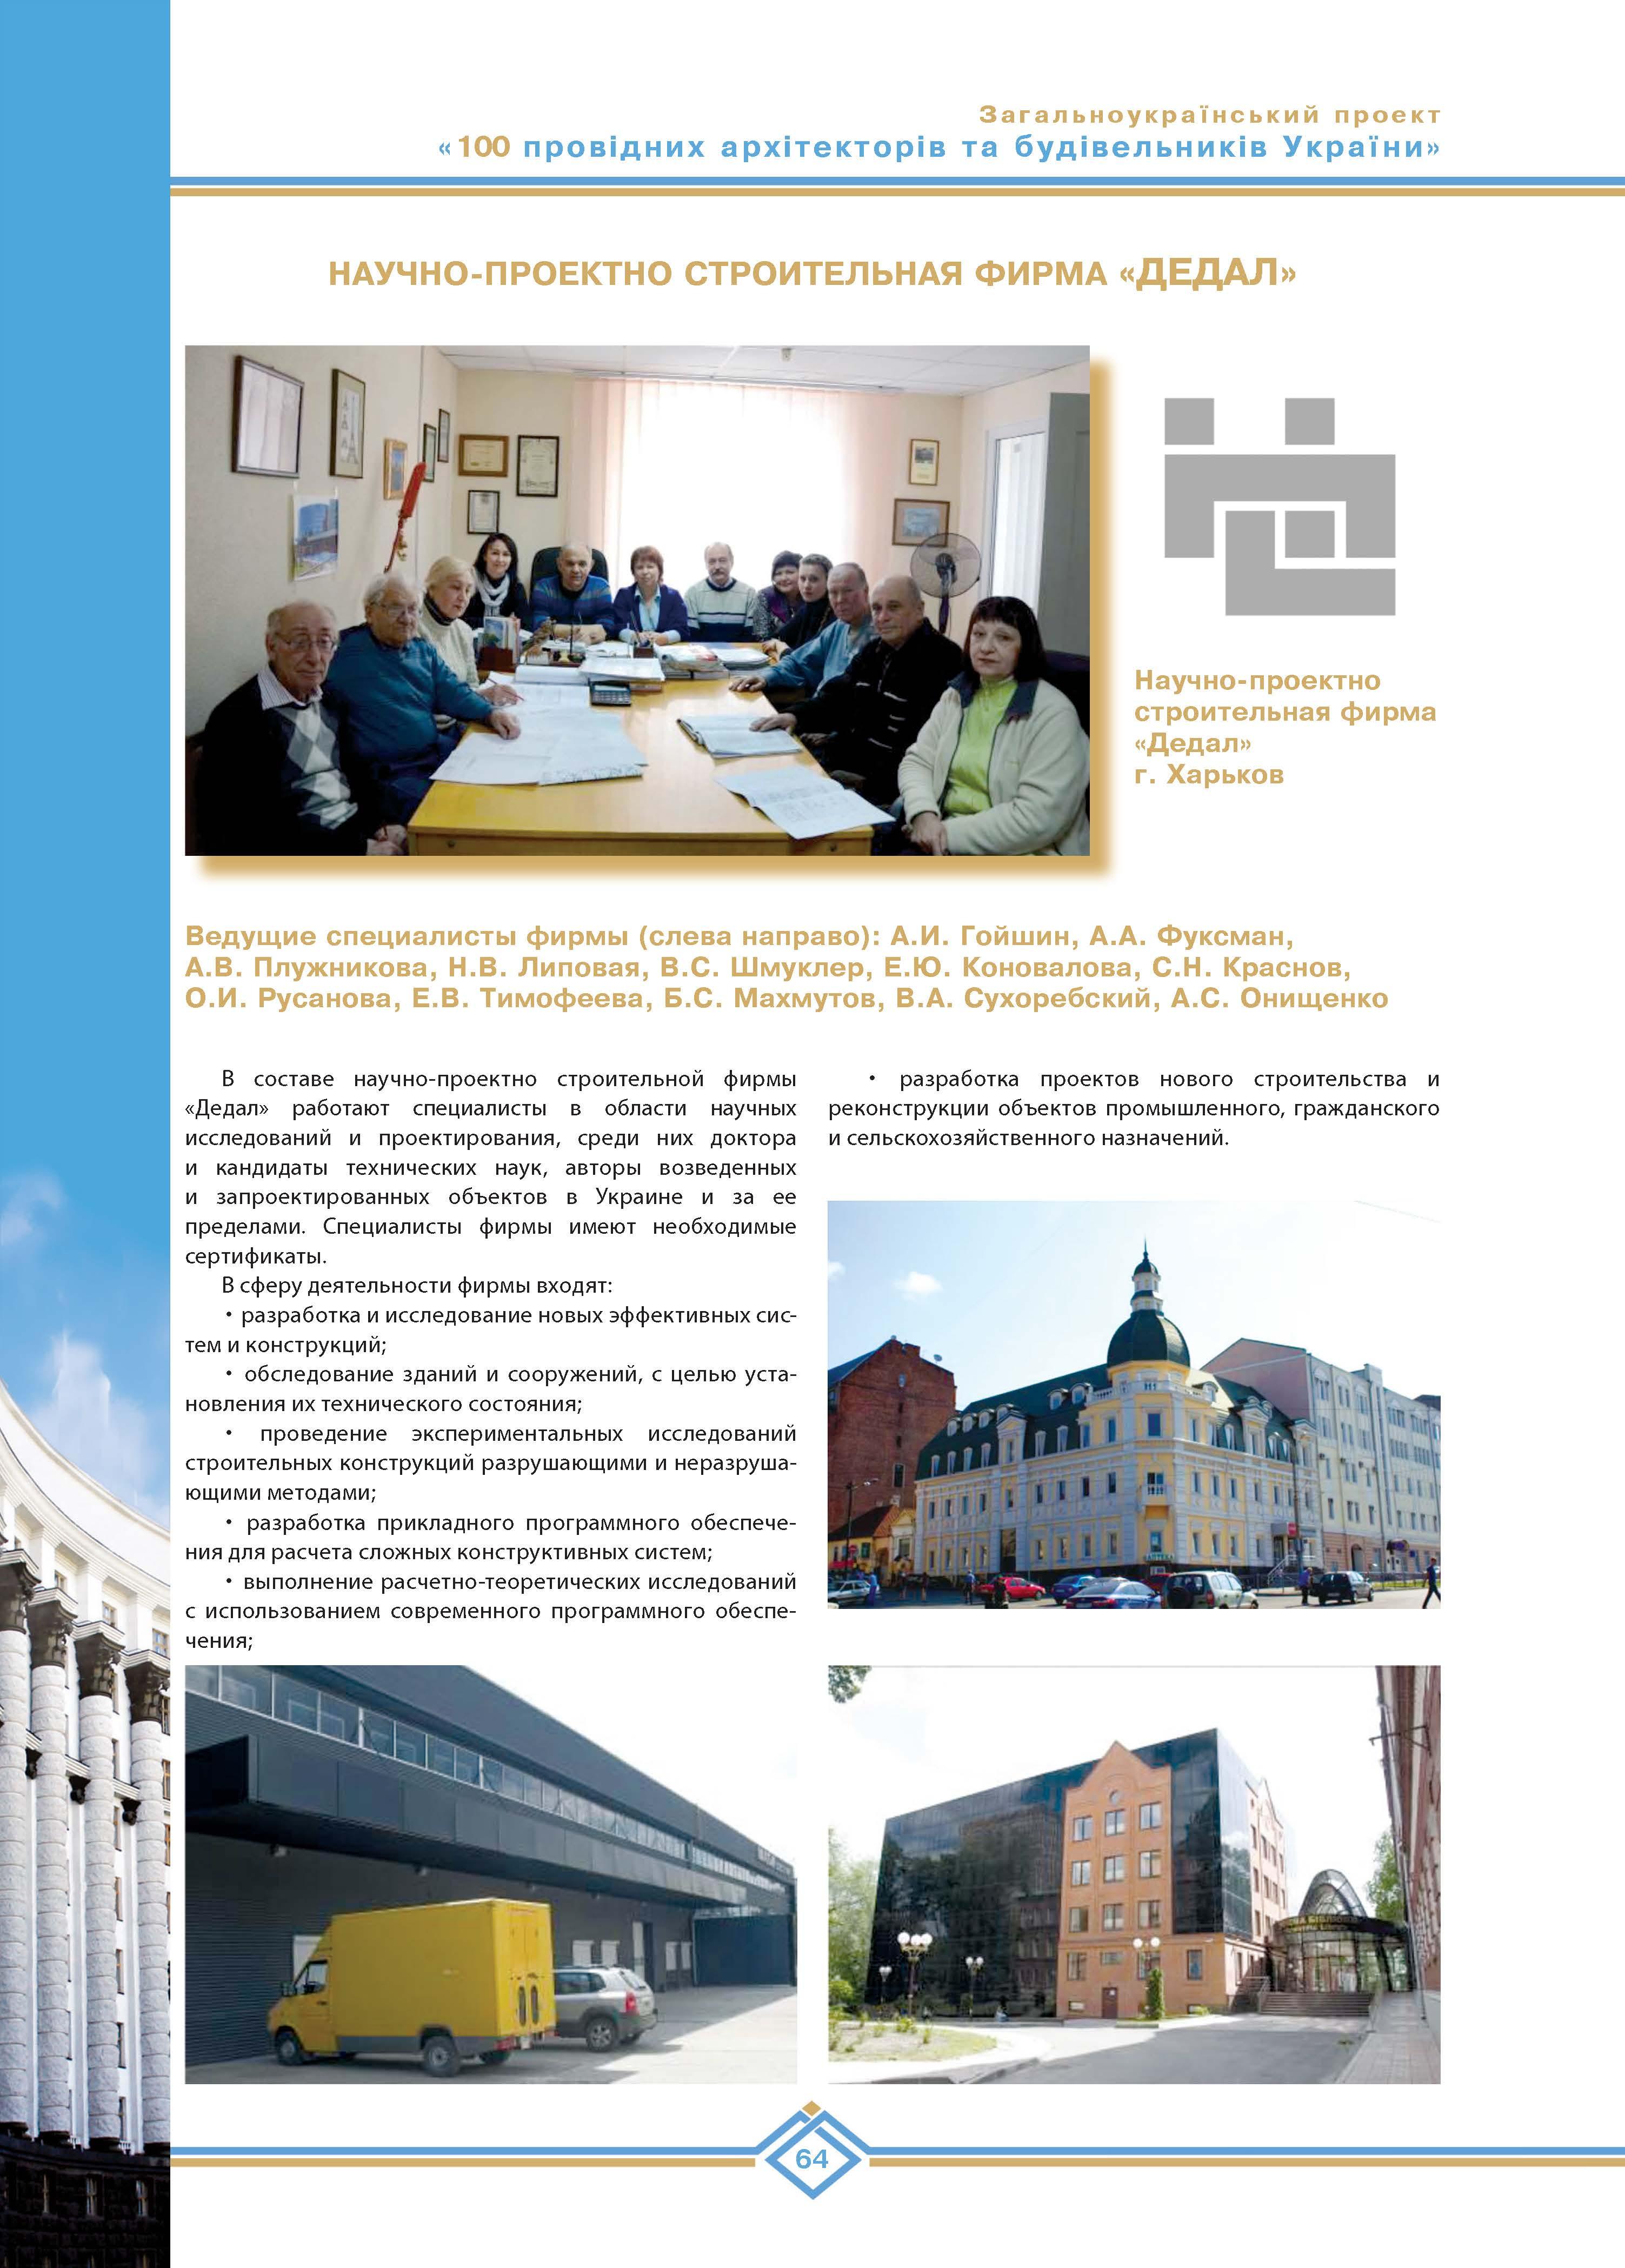 Научно-проектно строительной фирмы «Дедал»